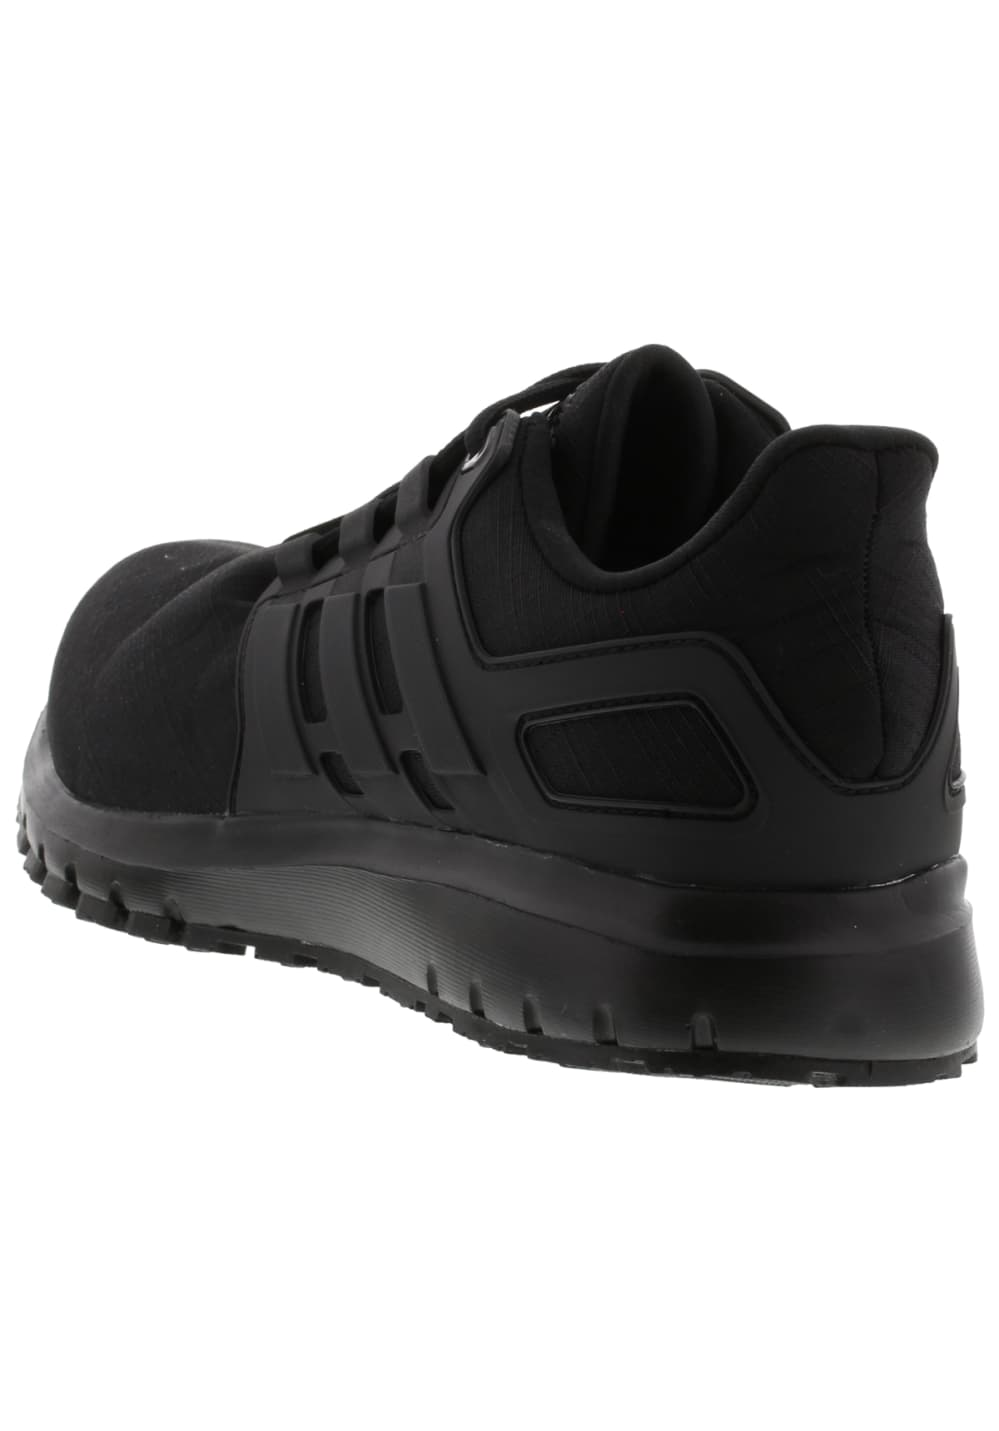 5e6fab8 zapatillas adidas running energy cloud 2 hombre